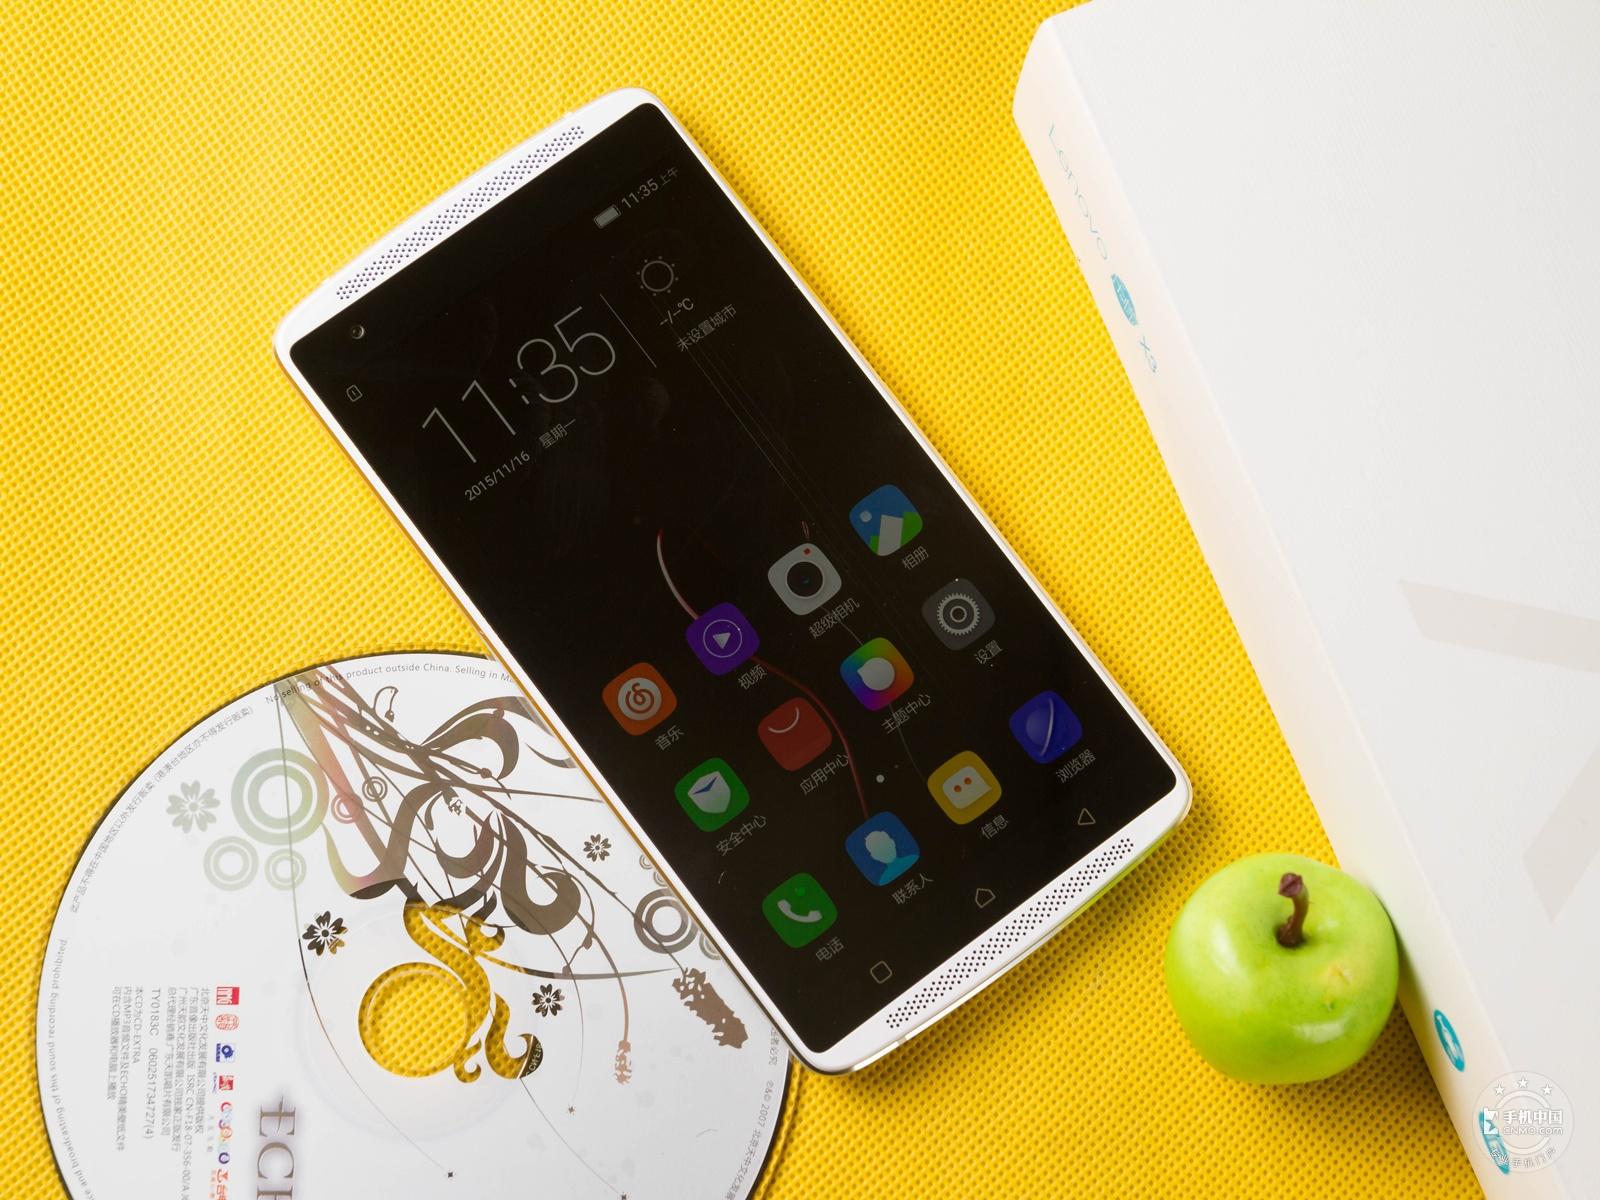 联想乐檬X3(双4G)整体外观第3张